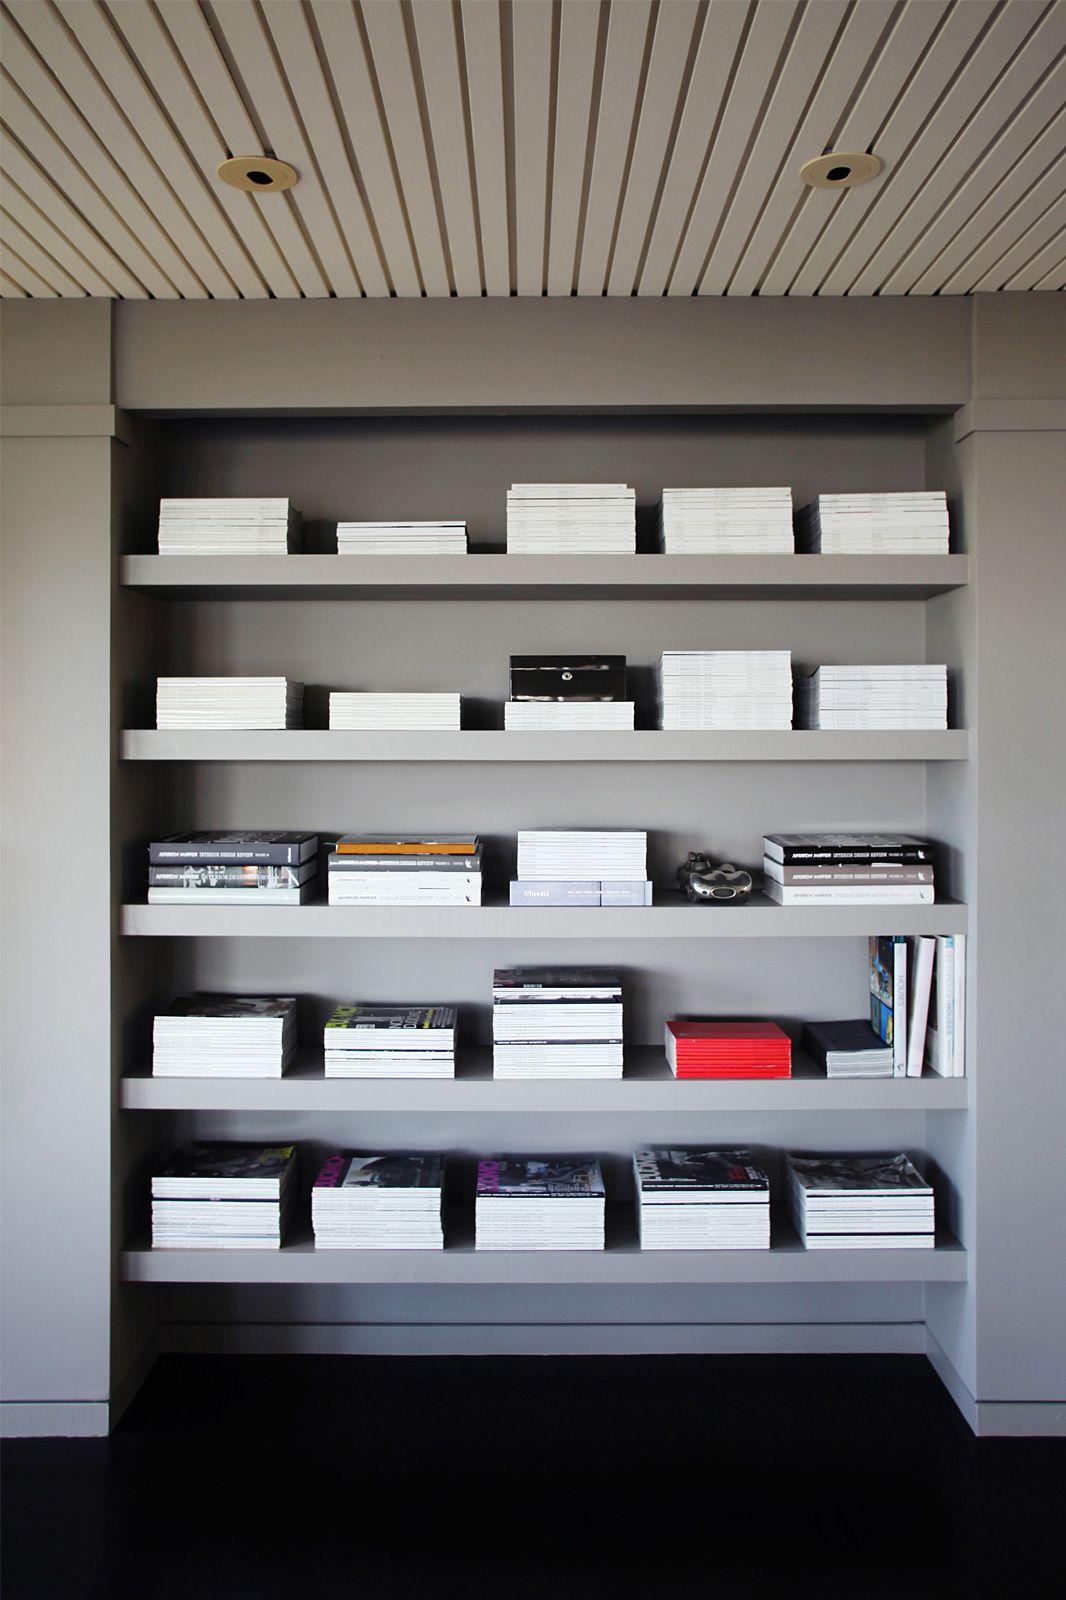 books are versatile. - Via Refinery29